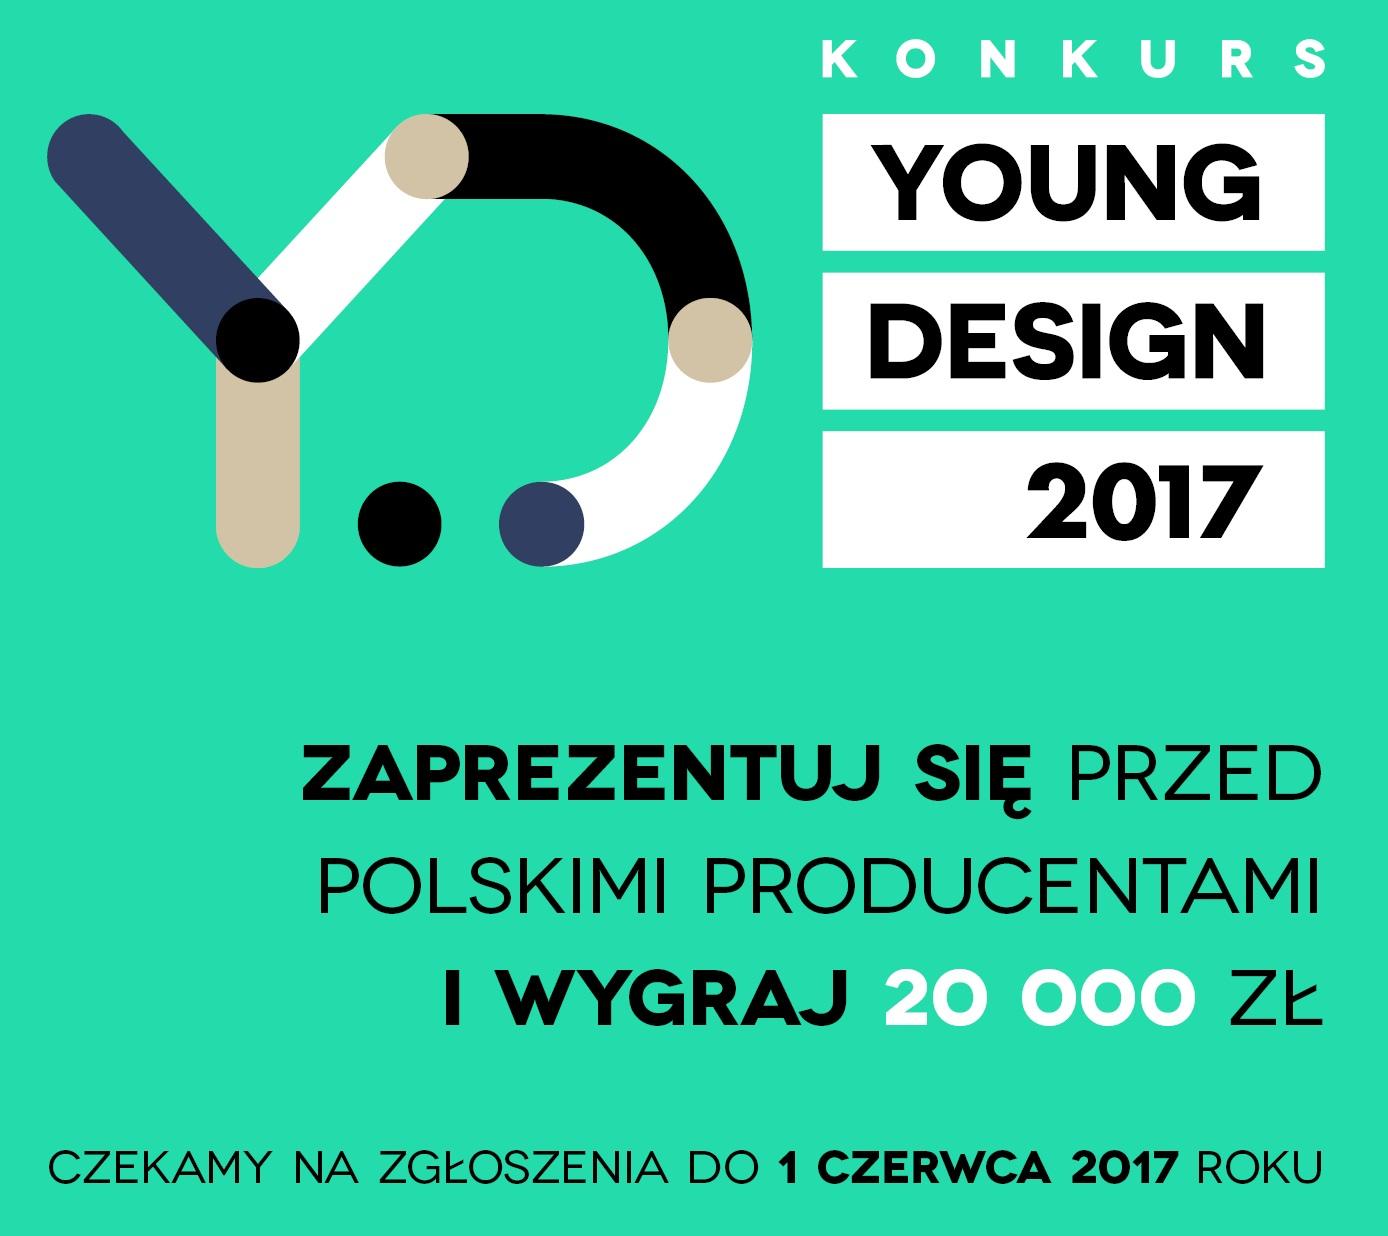 Young Design (źródło: materiały prasowe organizatora)